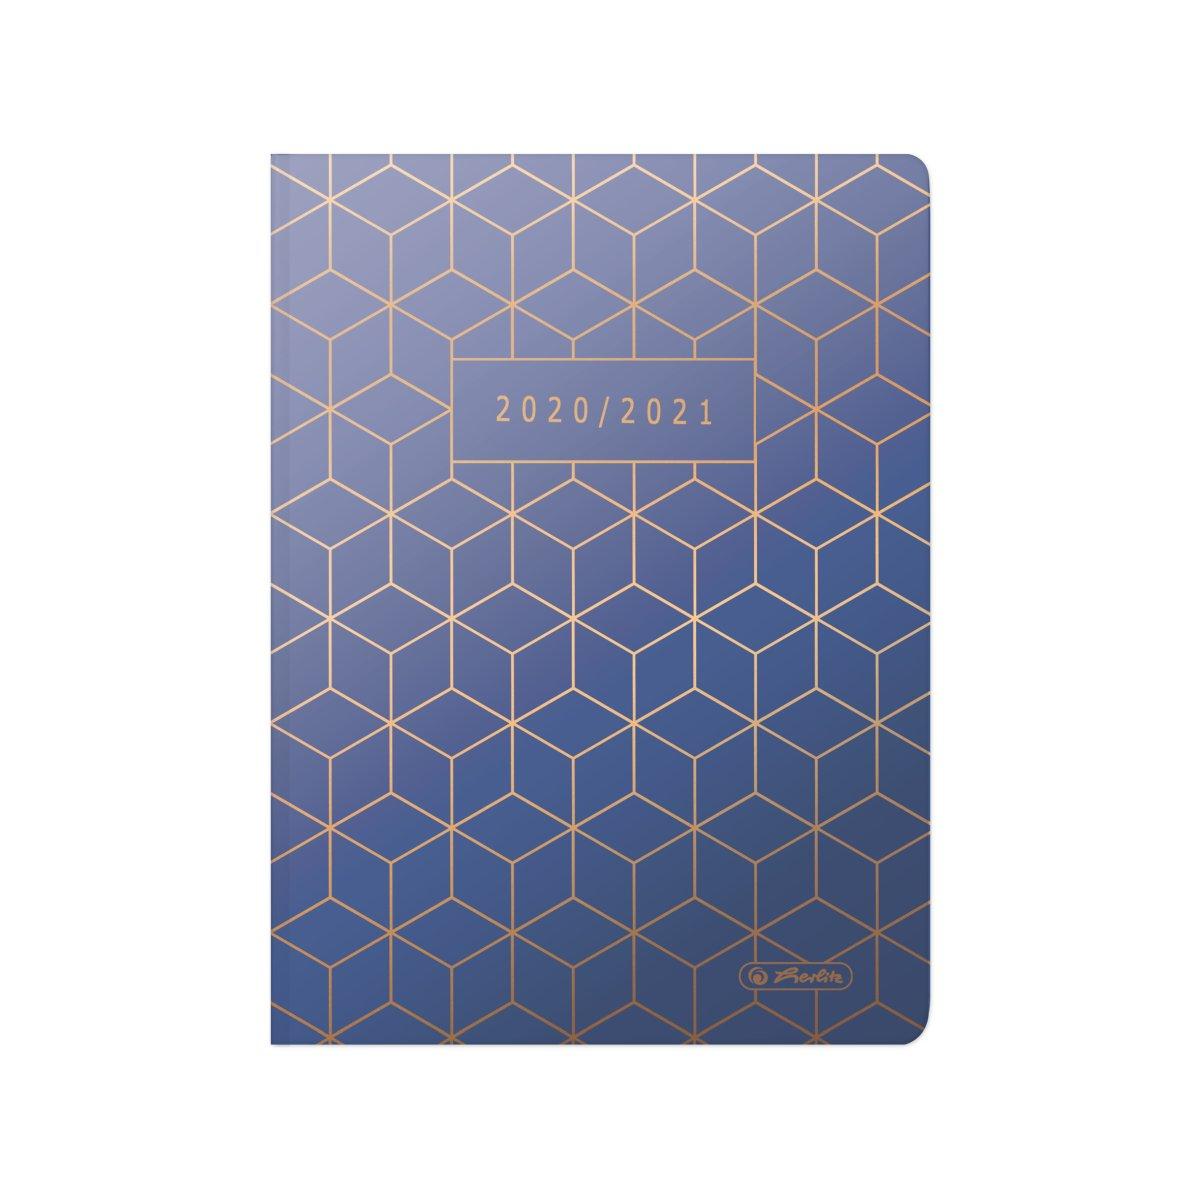 Vorschau: Herlitz 50029174 - Schultagebuch - 2020-2021 - Blau - Aug. 2020-Juli 2021 - Muster - A5